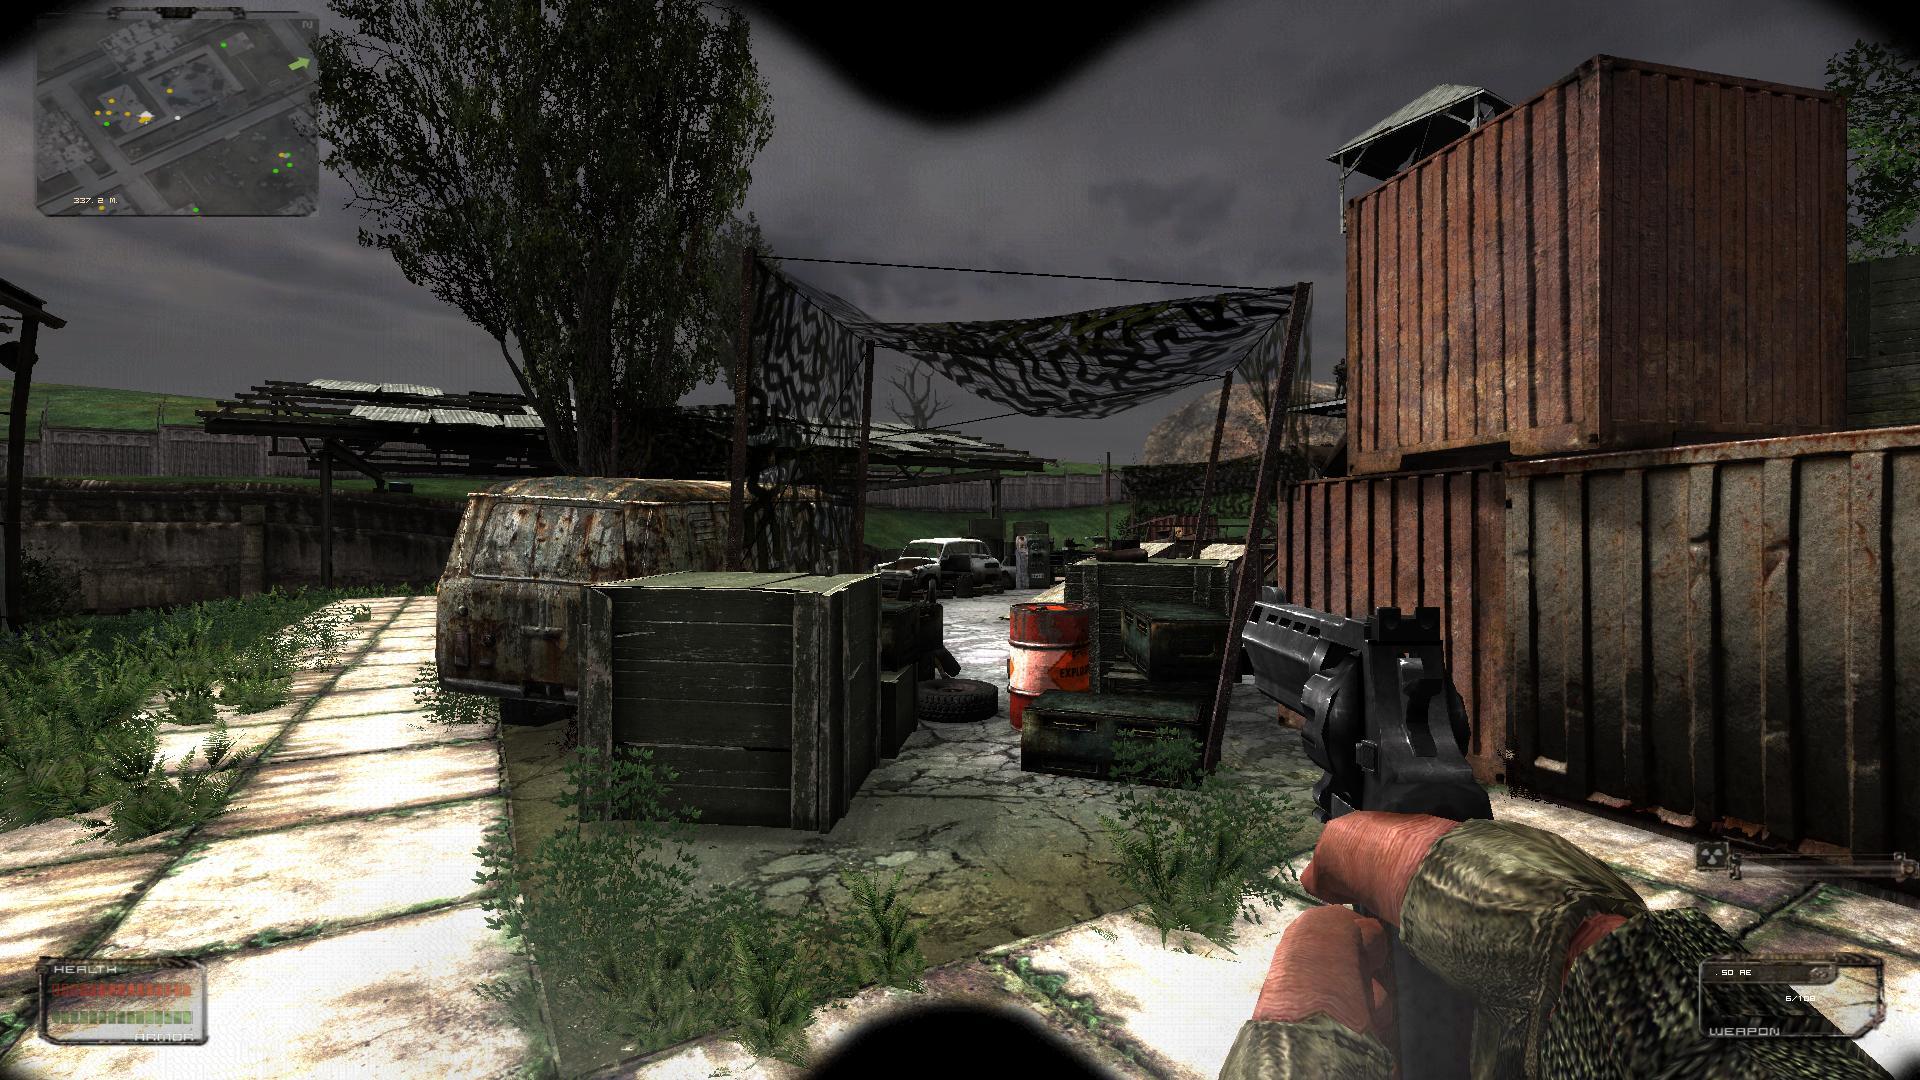 OL10 Pistols (Some) image - S T A L K E R  - Oblivion Lost